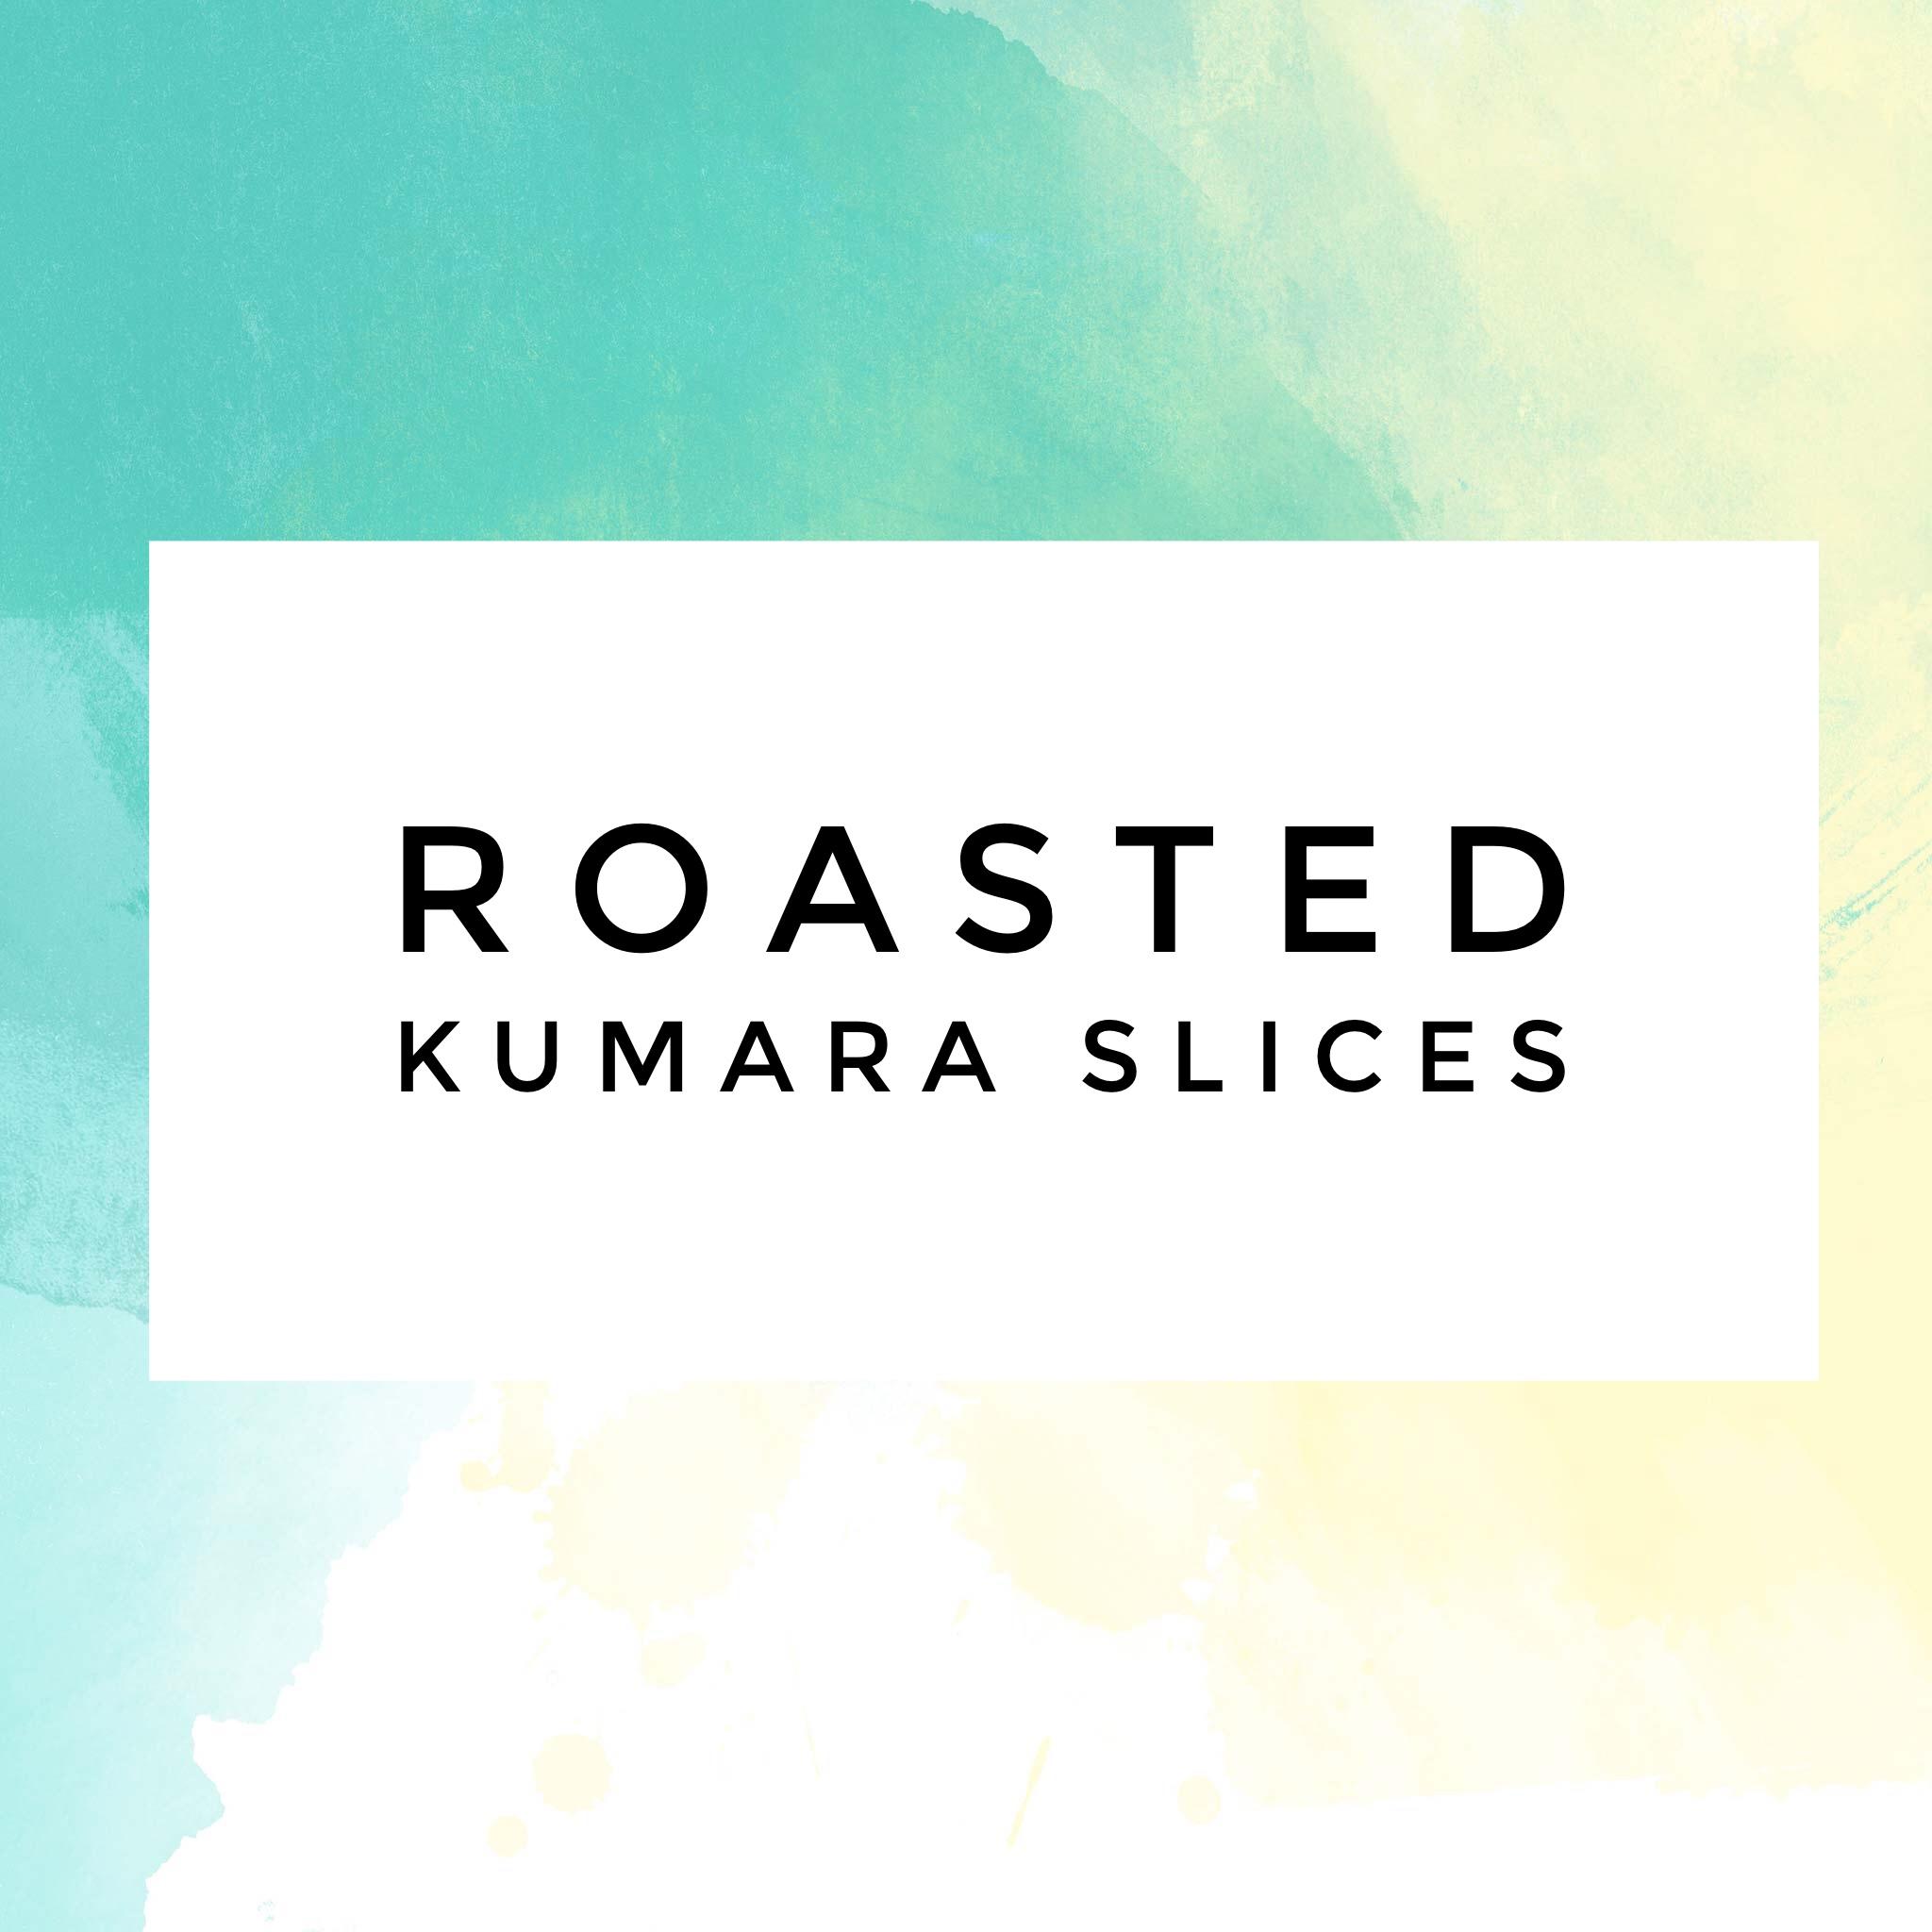 Roasted Kumara Slices